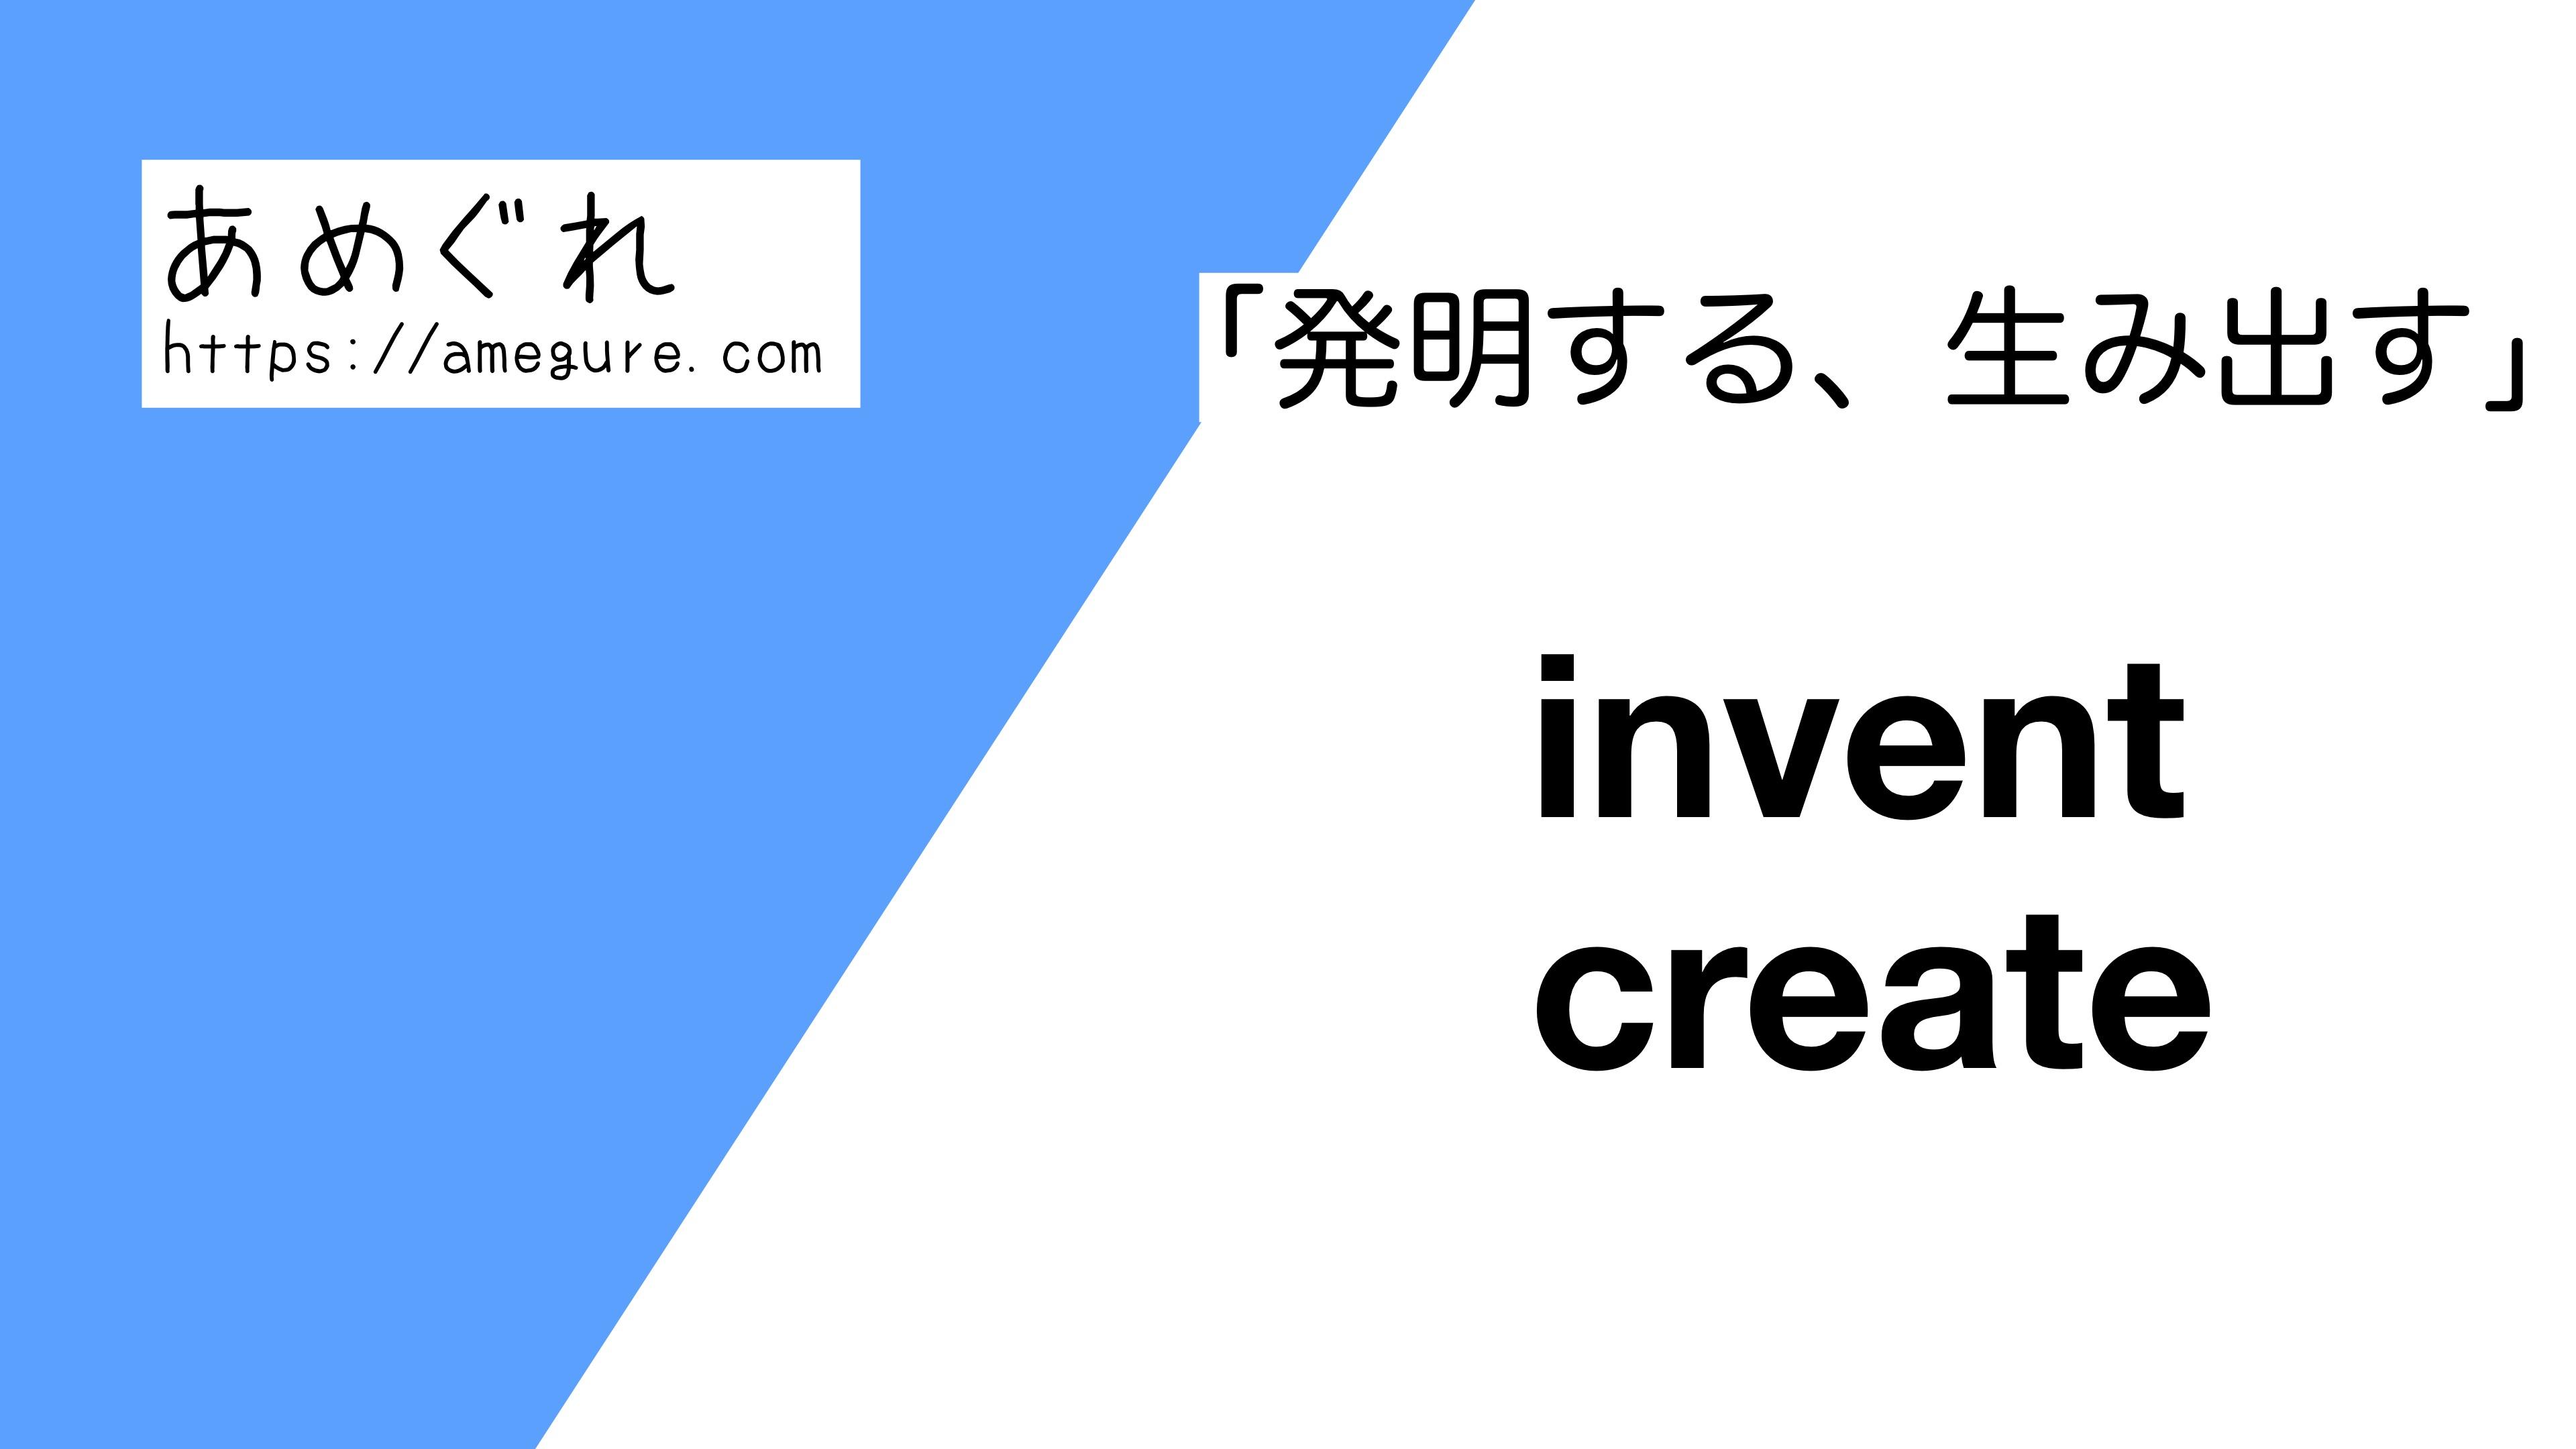 invent-create違い